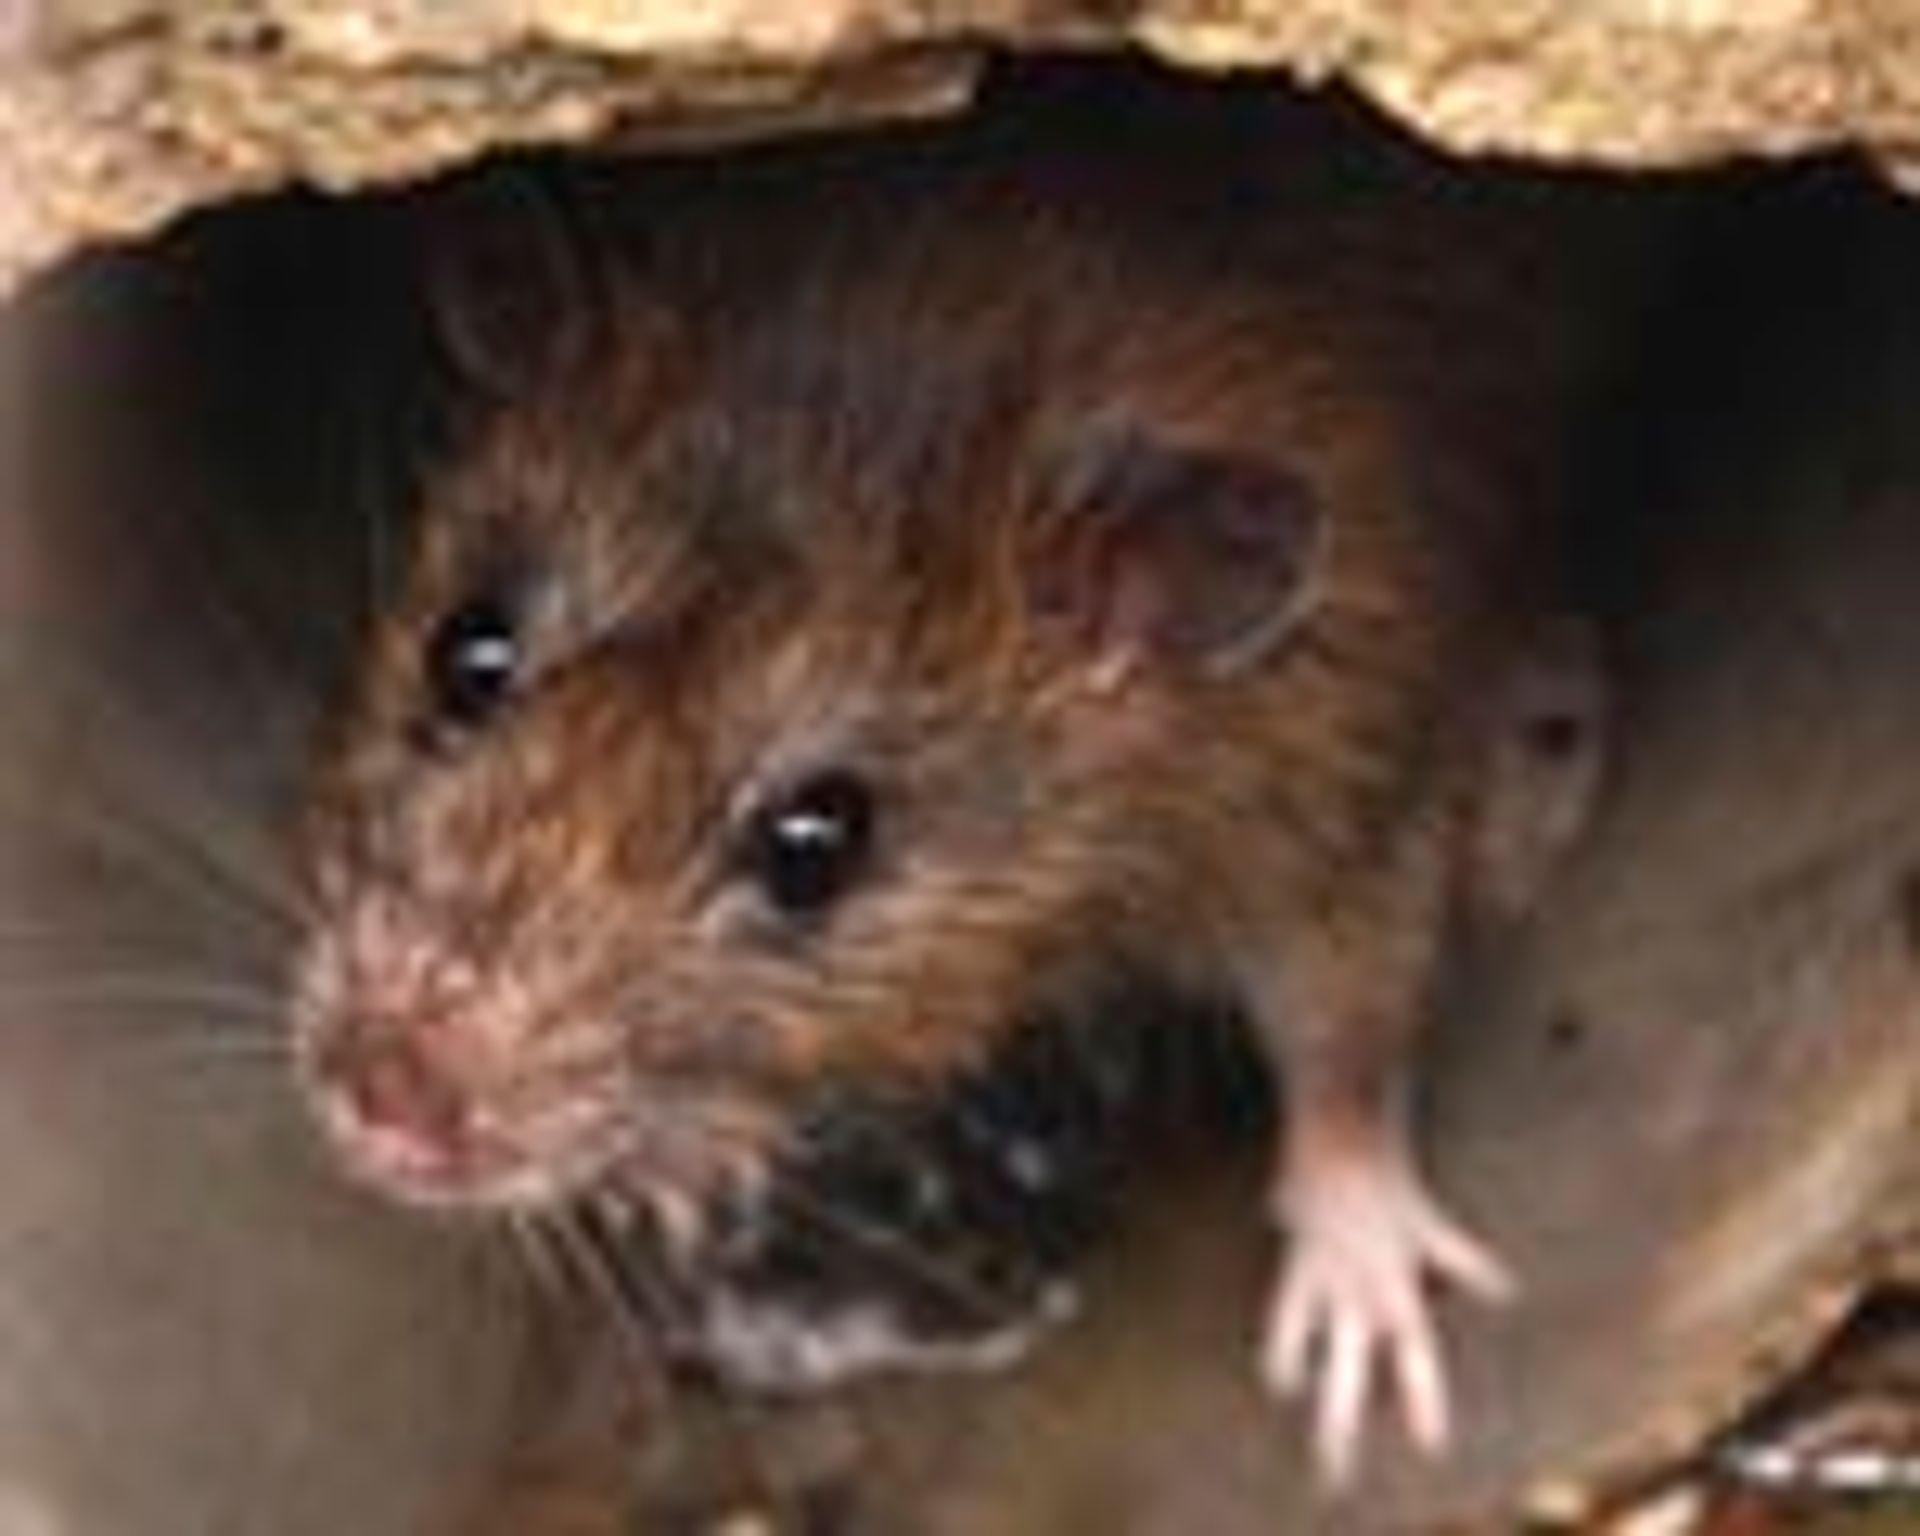 Sådan undgår du rotter og mus - Anticimex